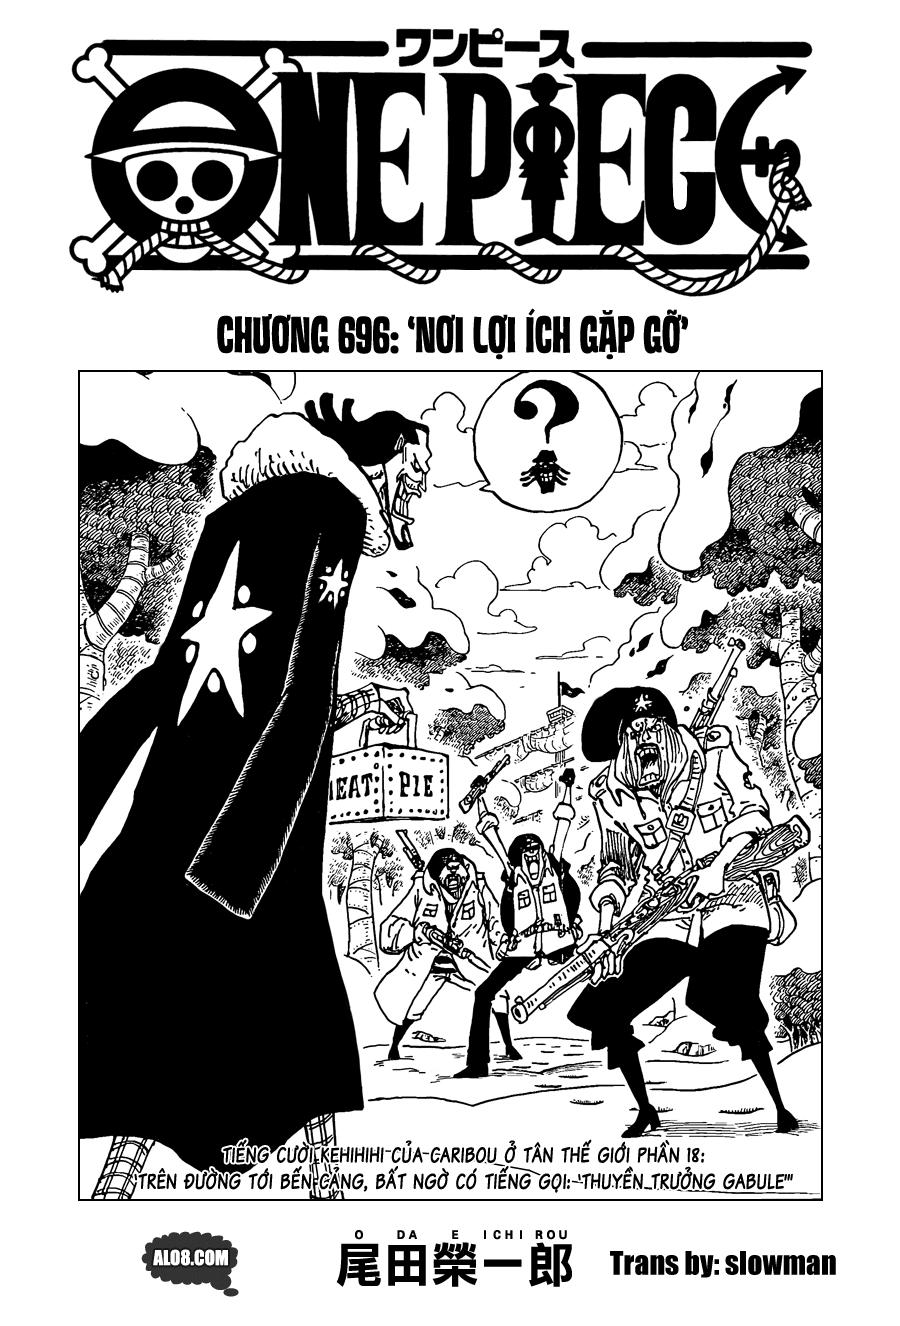 One Piece Chapter 696: Nơi lợi ích gặp gỡ 001